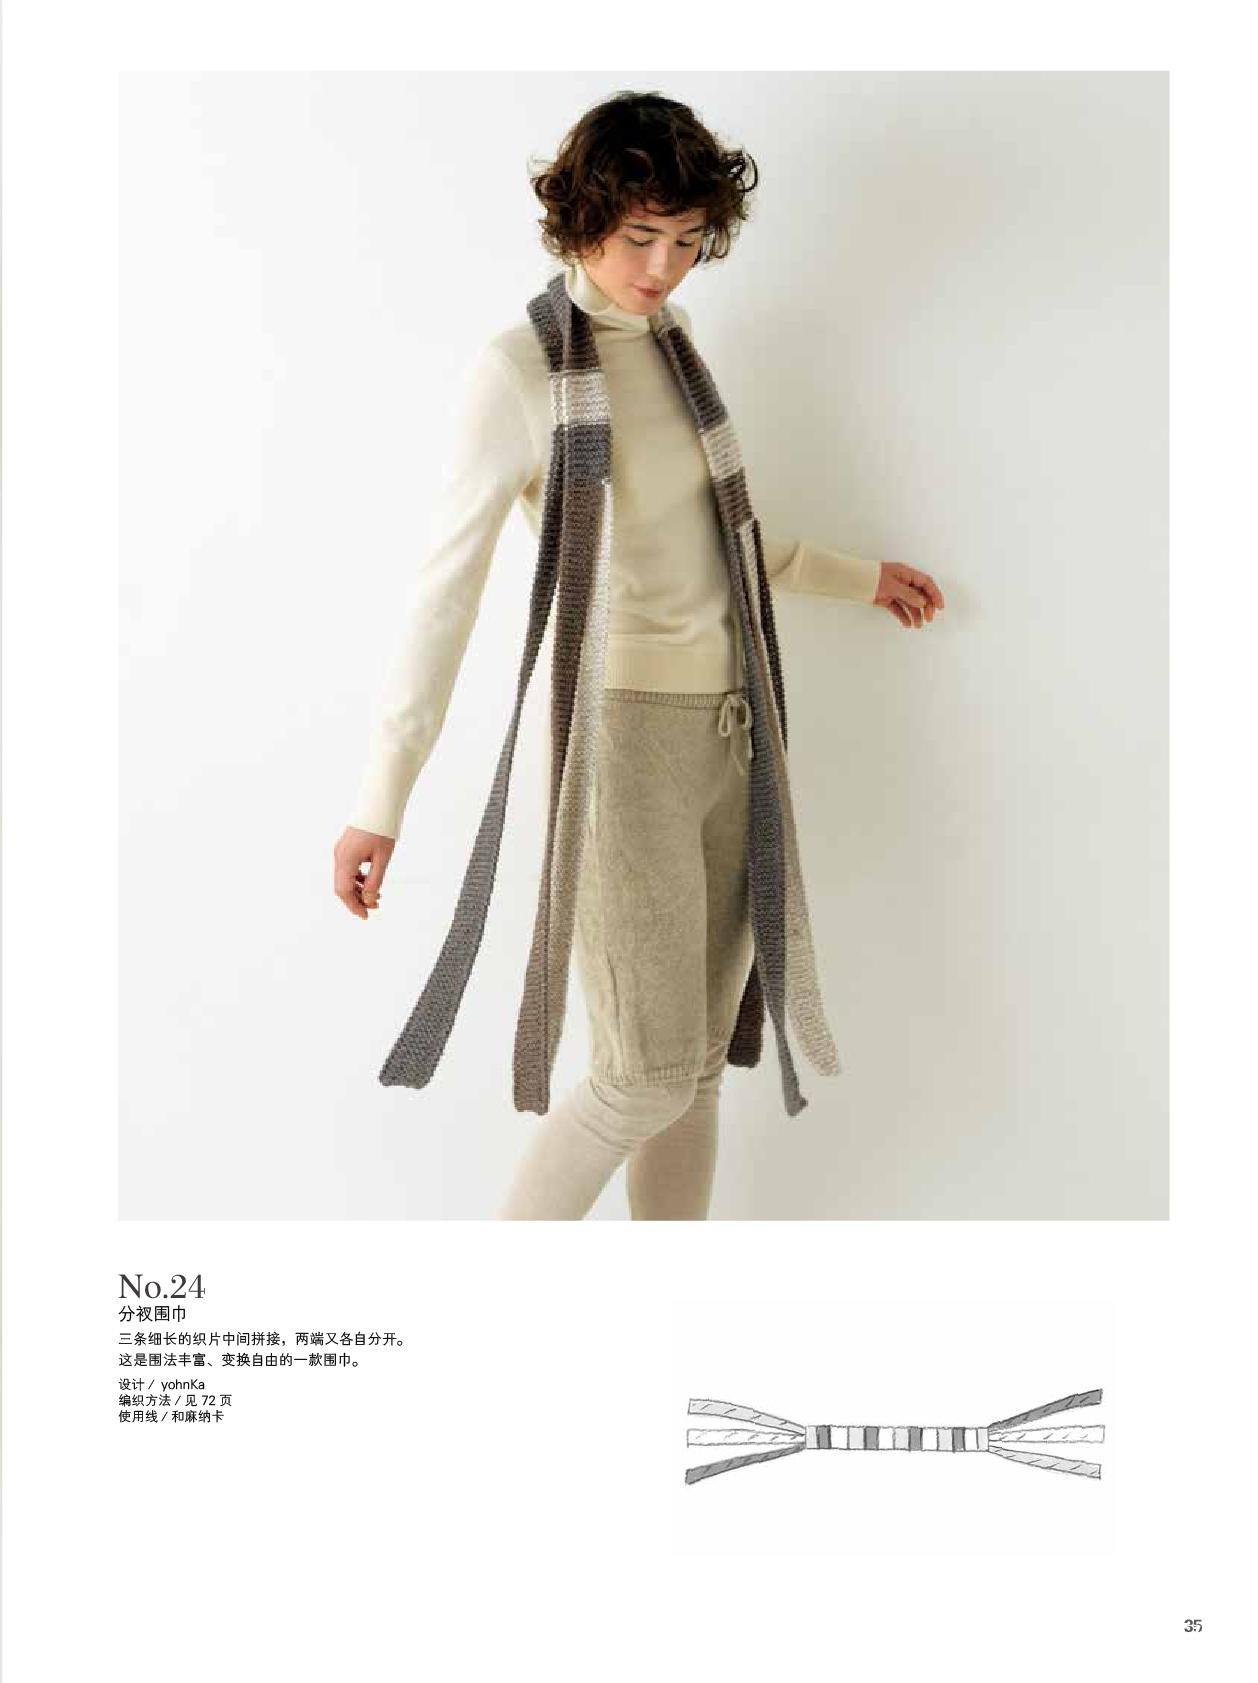 下针编织的帽子和围巾内文-36.jpg